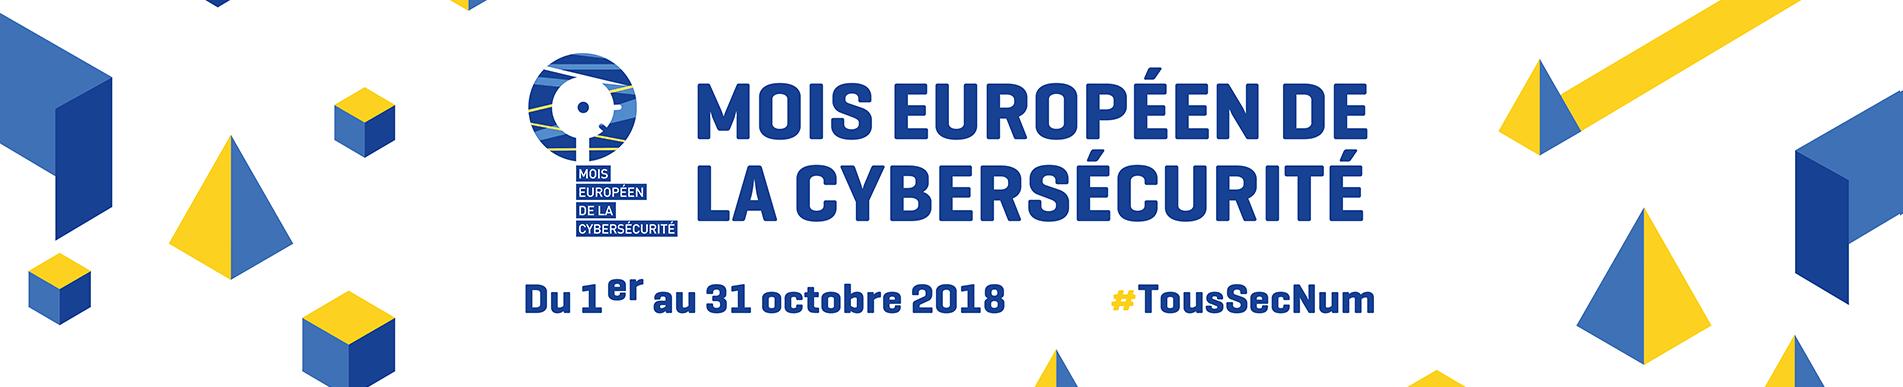 En octobre, c'est le mois européen de la Cybersécurité !